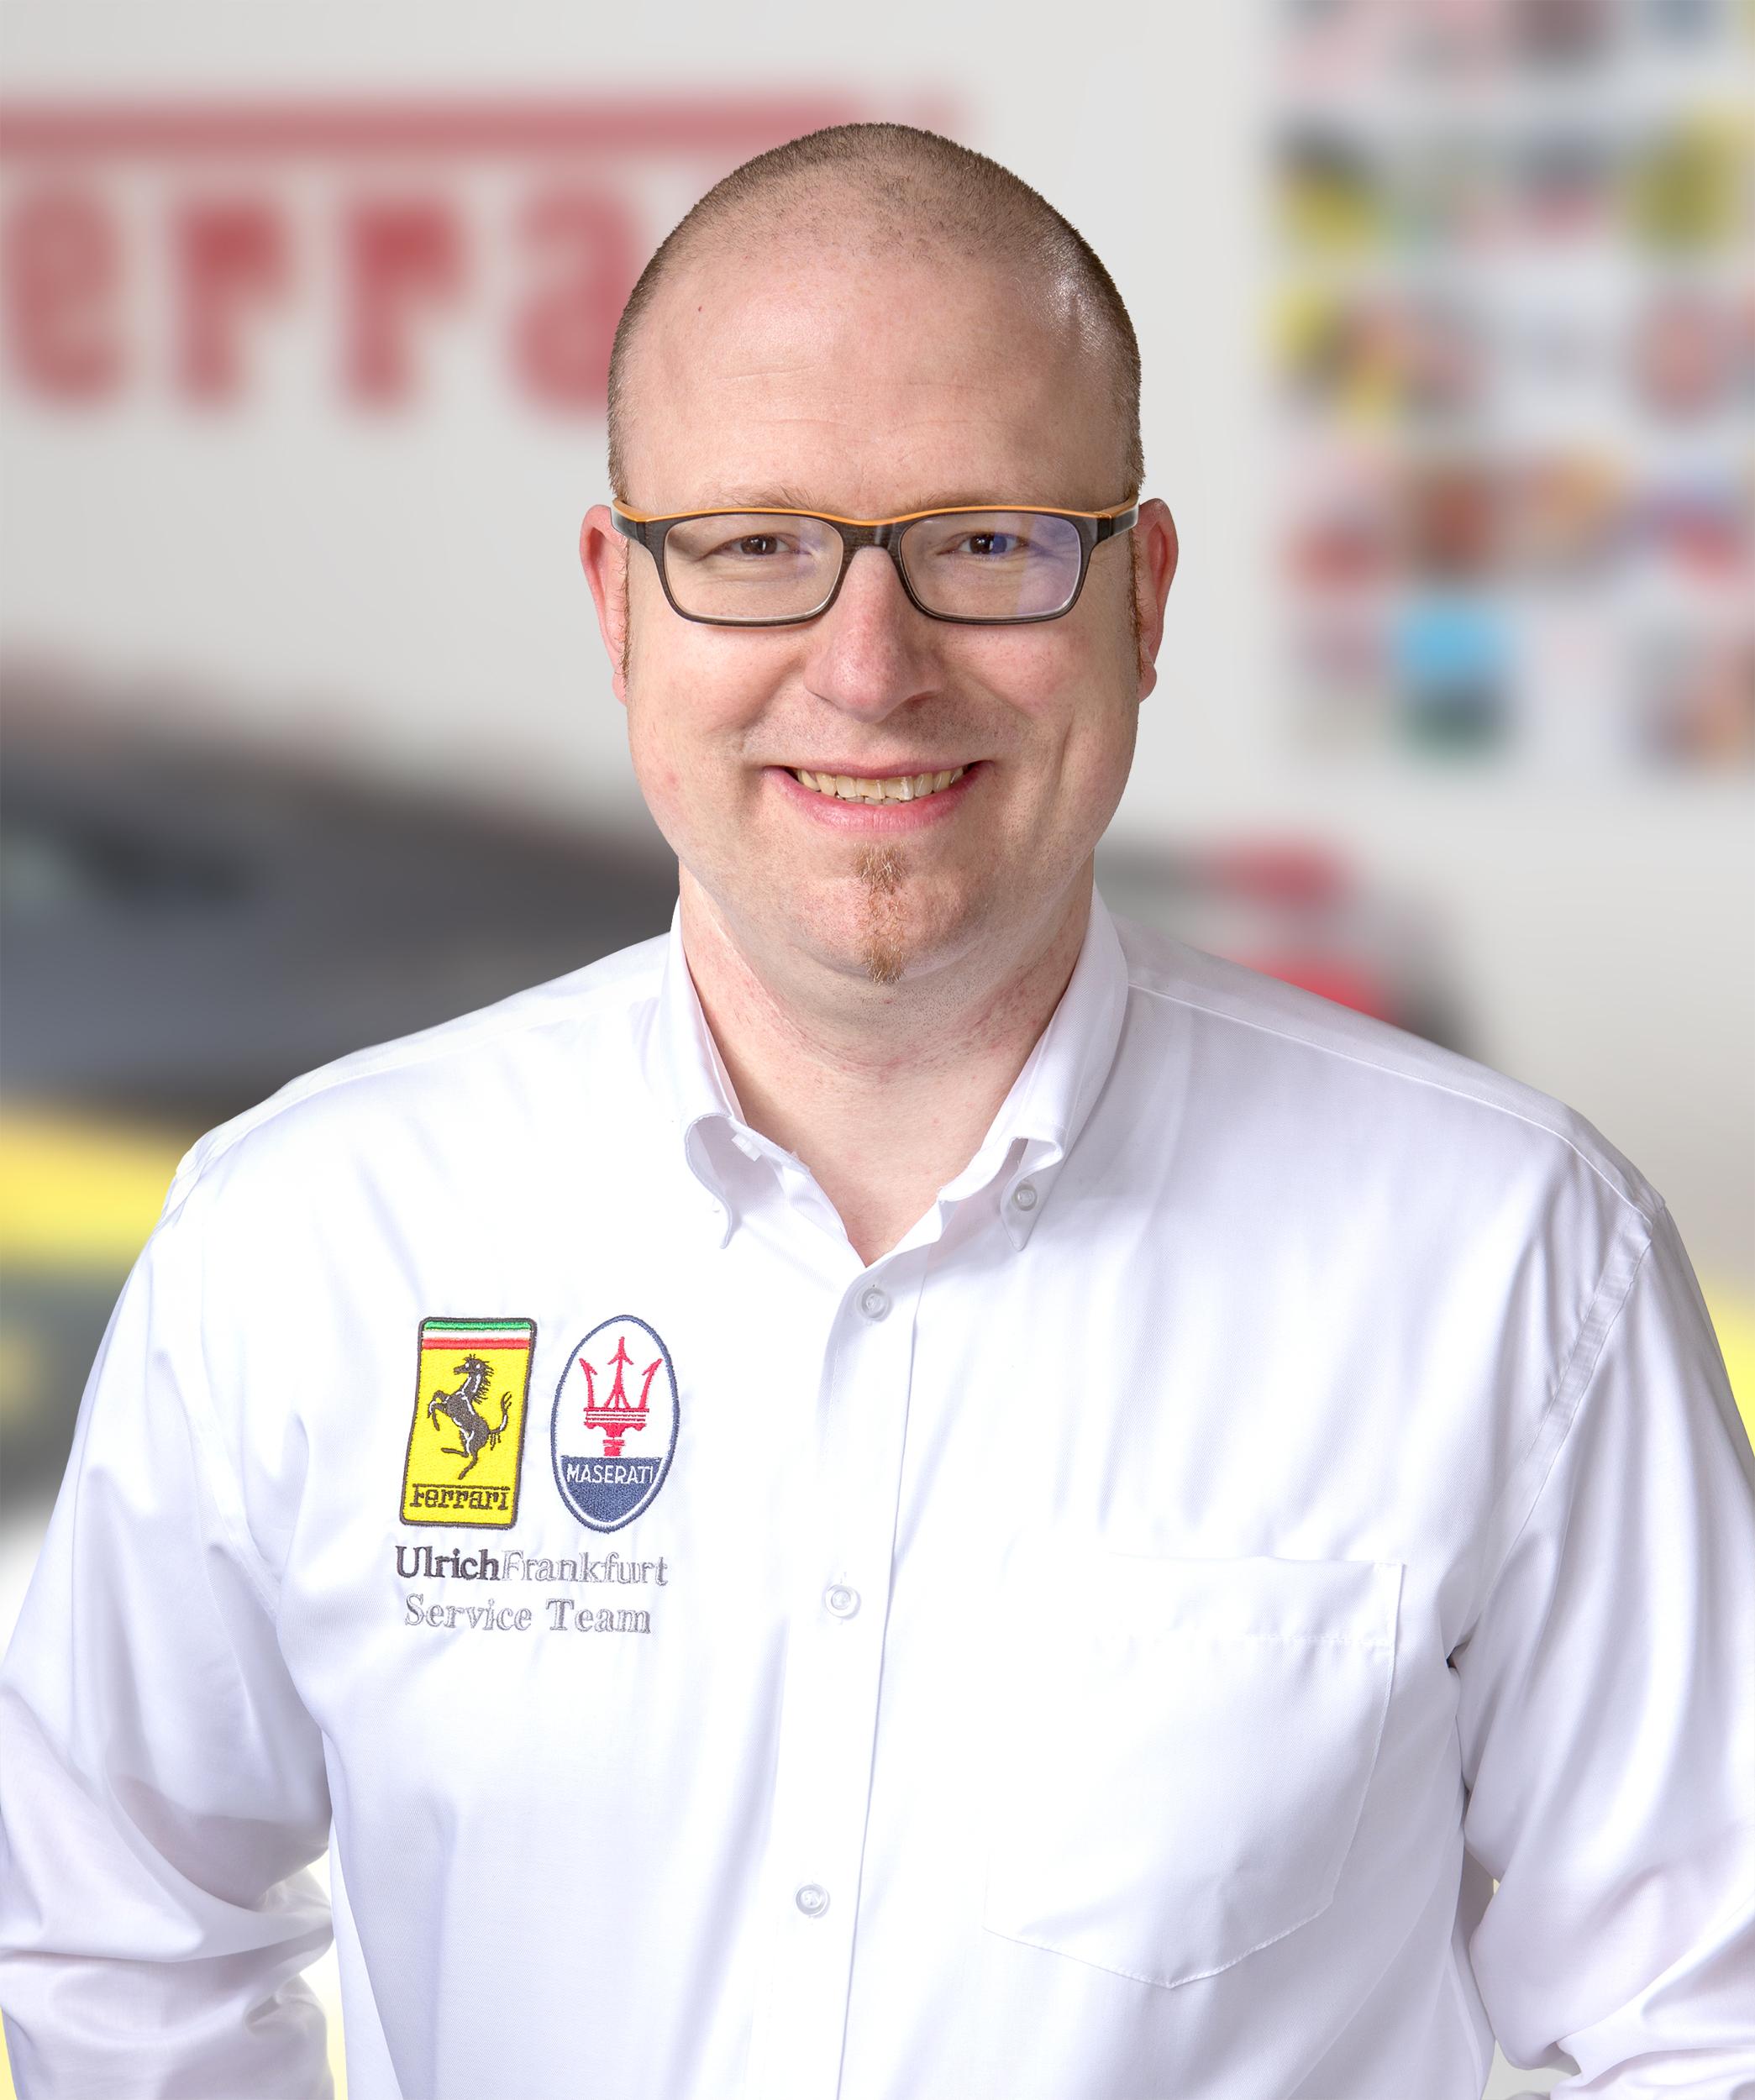 Markus Schacher